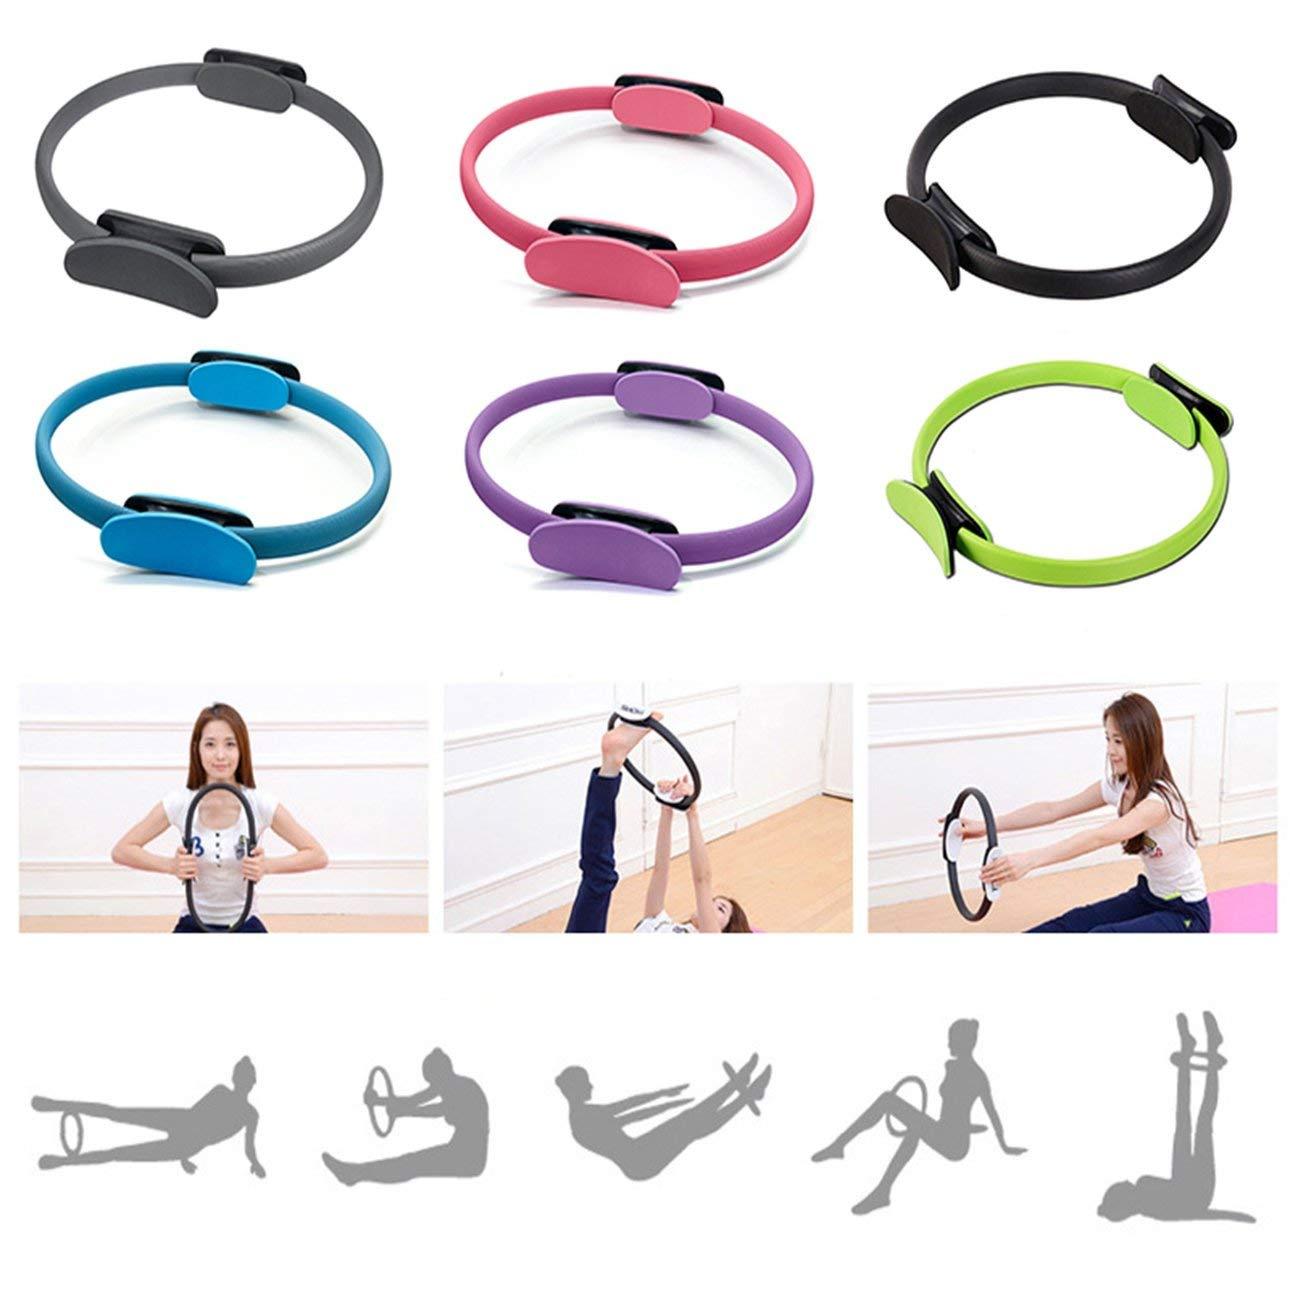 Ballylelly Anello di Resistenza allo Yoga Portatile 38CM Attrezzo di addestramento dellanello di Yoga dellanello di Yoga di Resistenza delle Gambe delle Gambe del Cerchio Magico Leggero